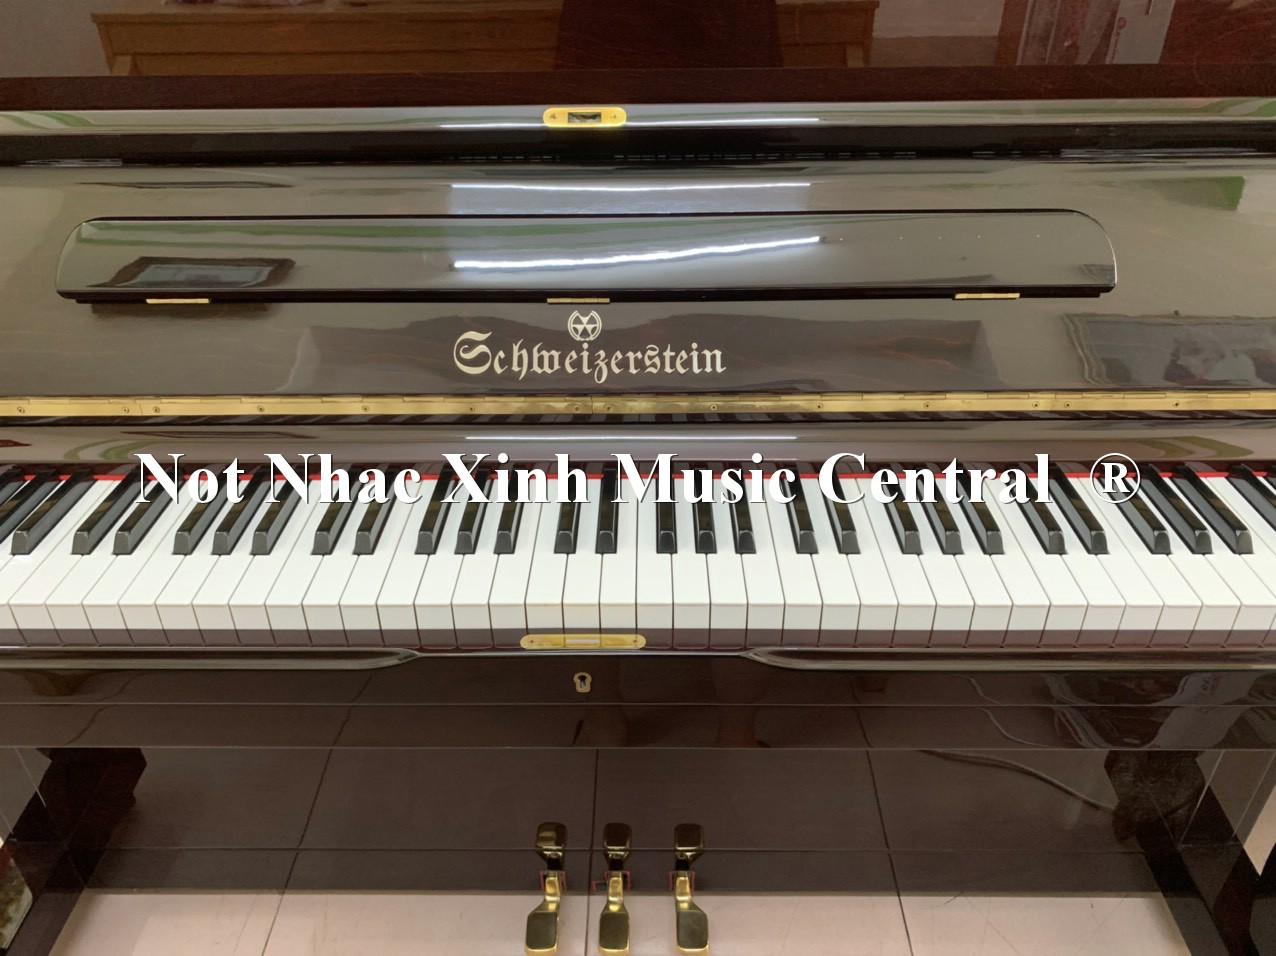 Đàn piano cơ Schweizer Stein HU-280